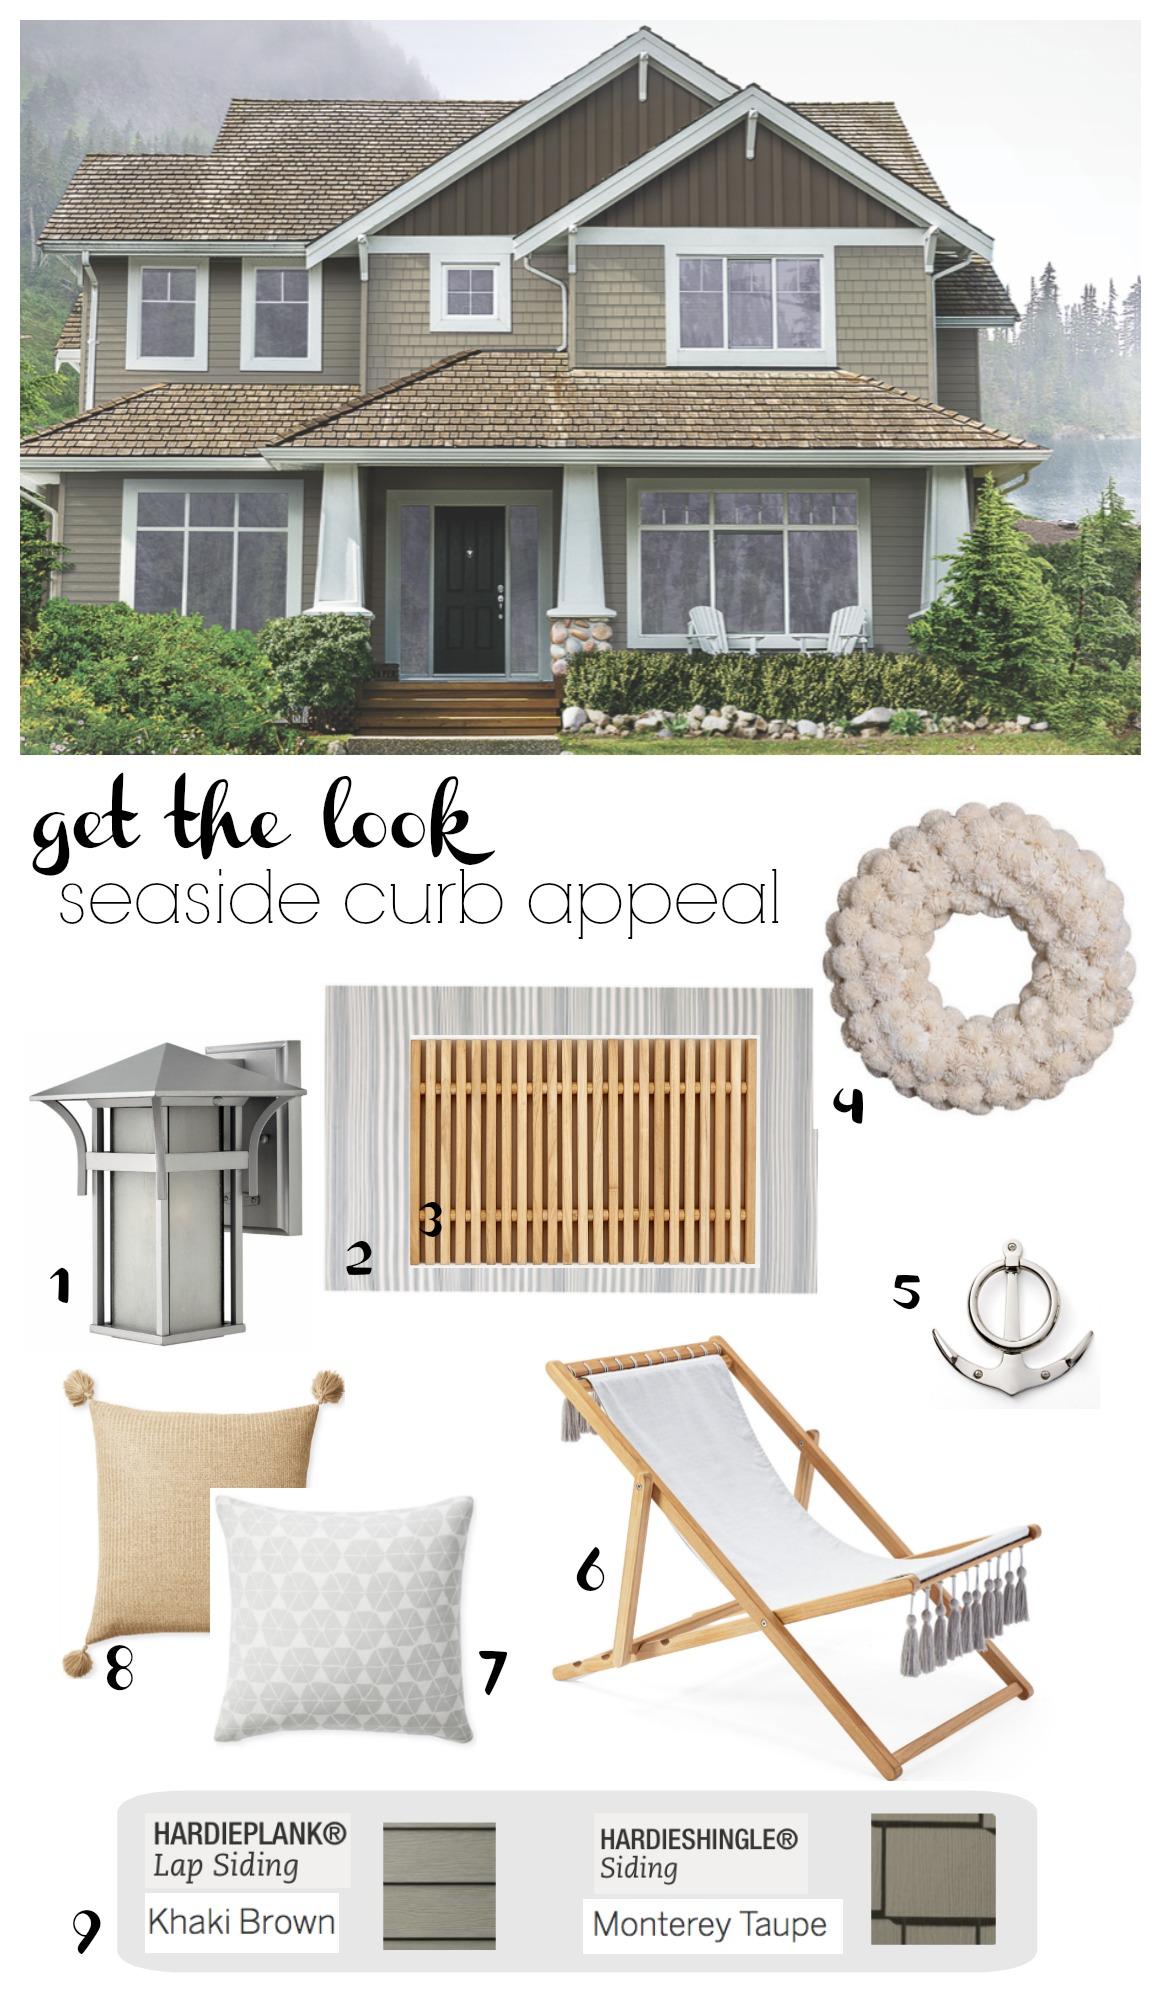 Get the Look- Seaside Curb Appeal- Hardieplank